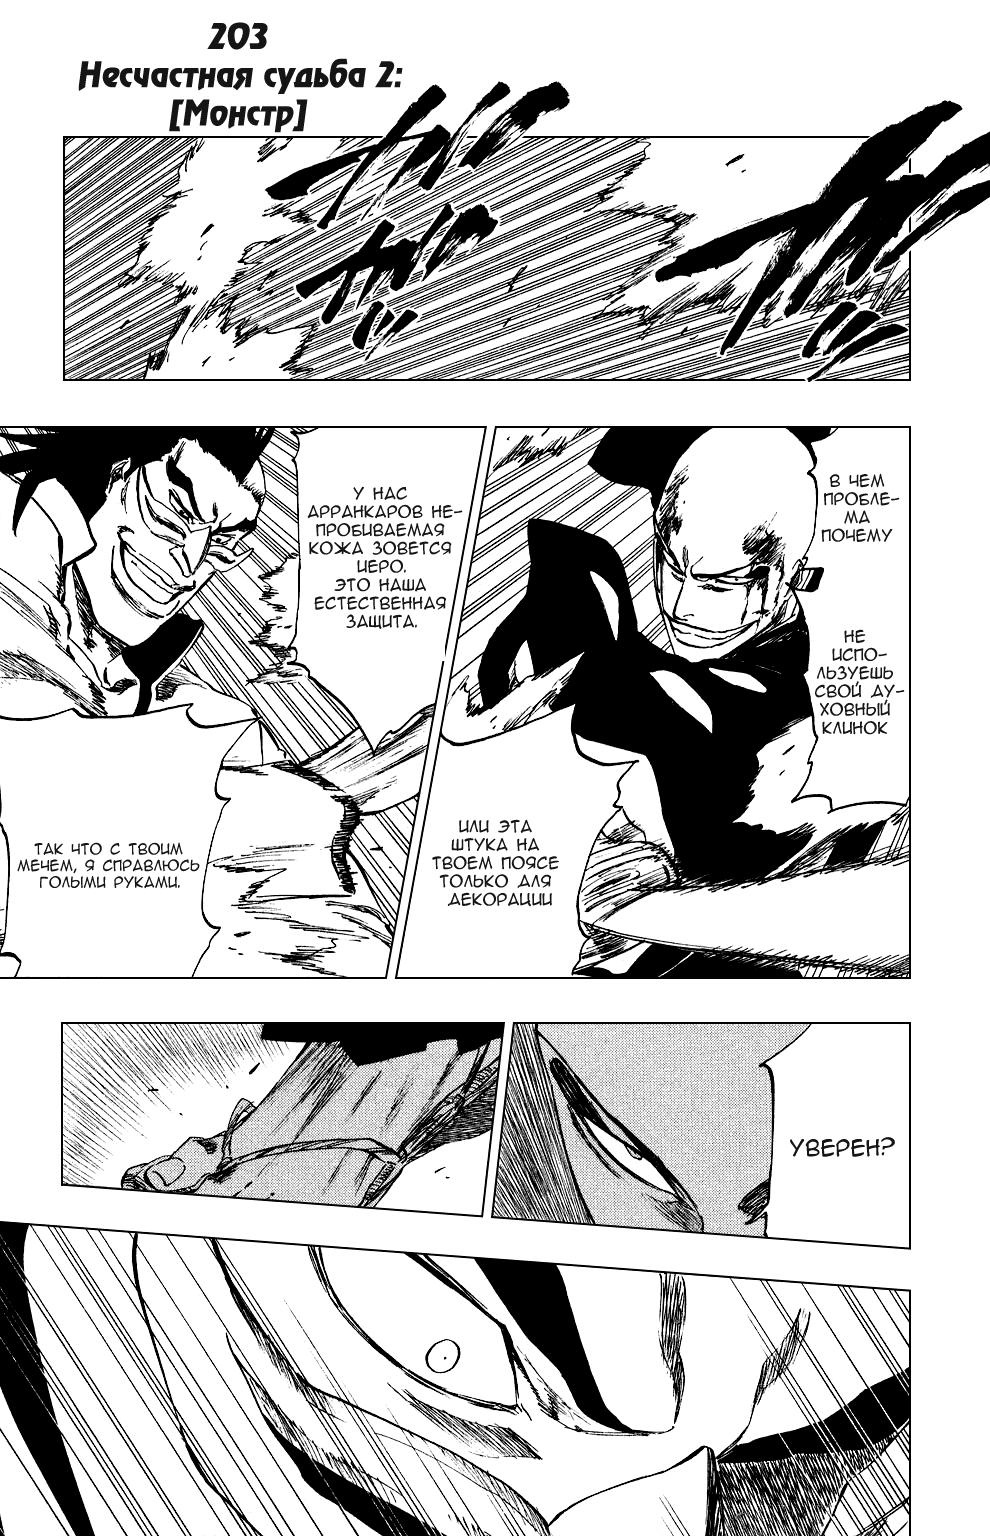 Манга Bleach / Блич Манга Bleach Глава # 203 - Недобрая судьба 2, страница 1